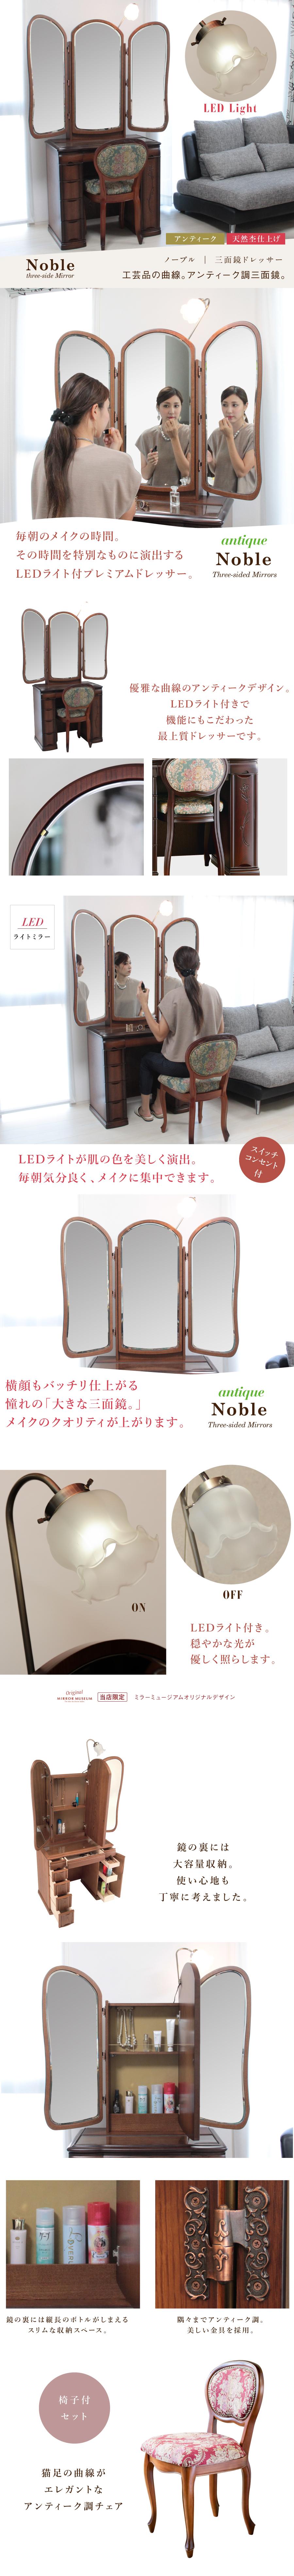 ドレッサーアンティーク三面鏡ノーブル